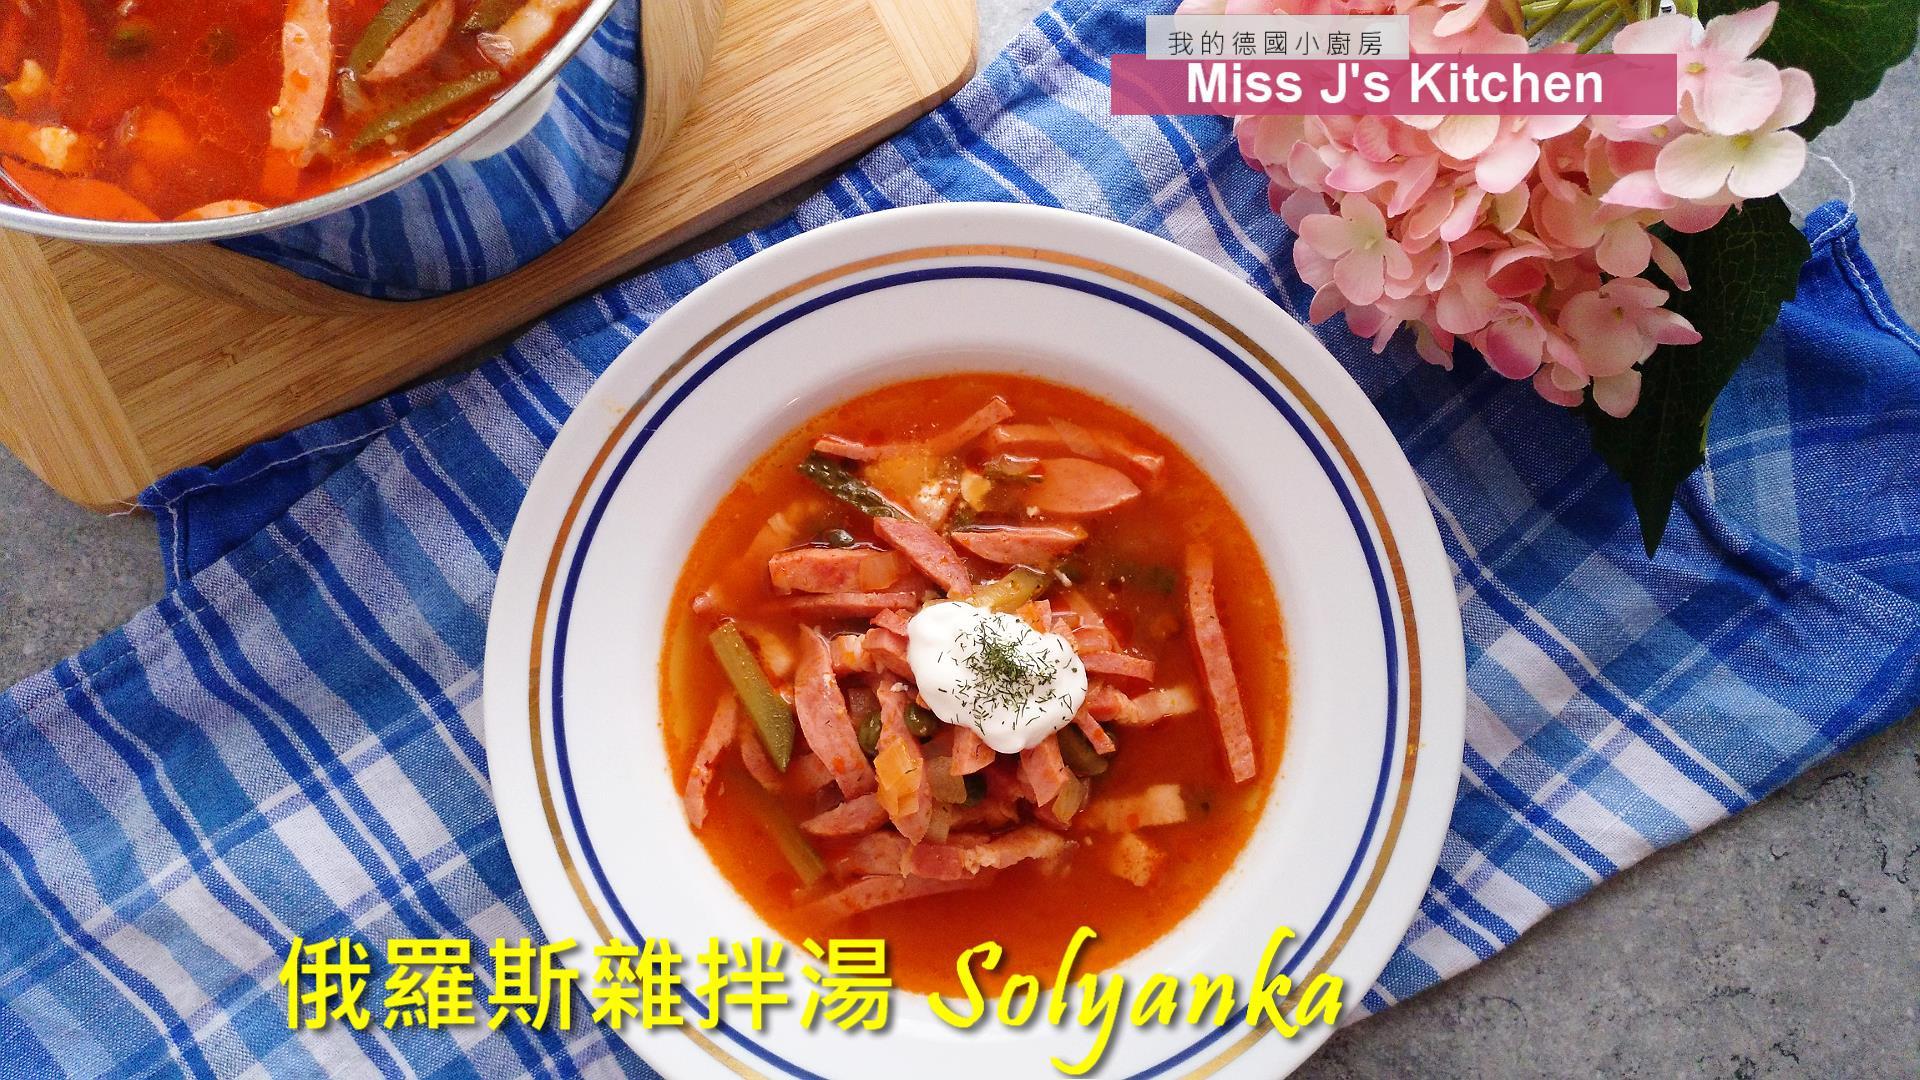 俄羅斯雜拌湯 - 酸酸口感好開胃的餐前湯